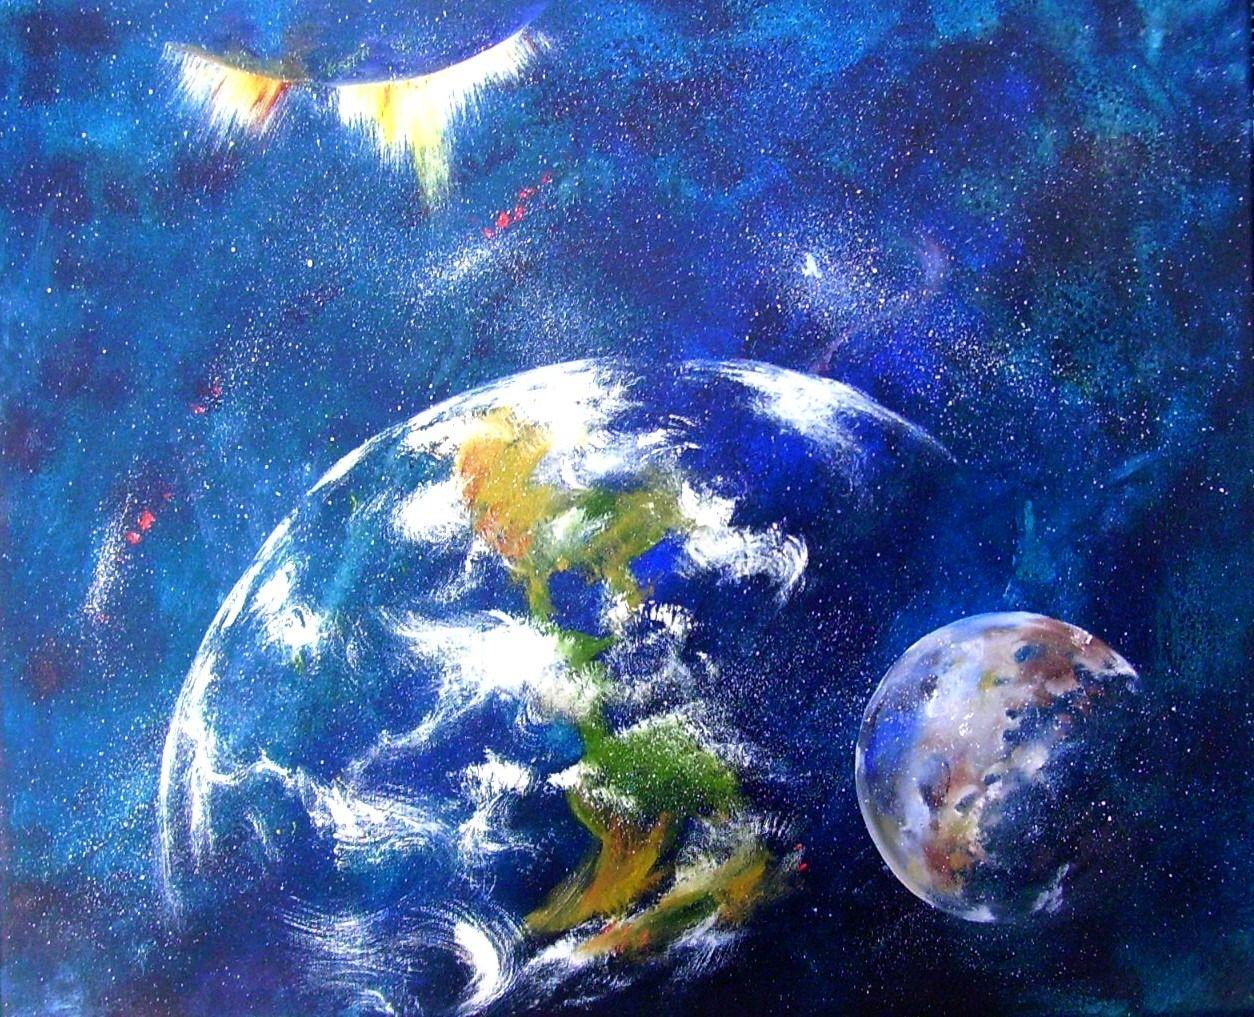 Tableau abstrait représentatif de la Terre et de la Lune : Peintures par peintures-axelle-bosler